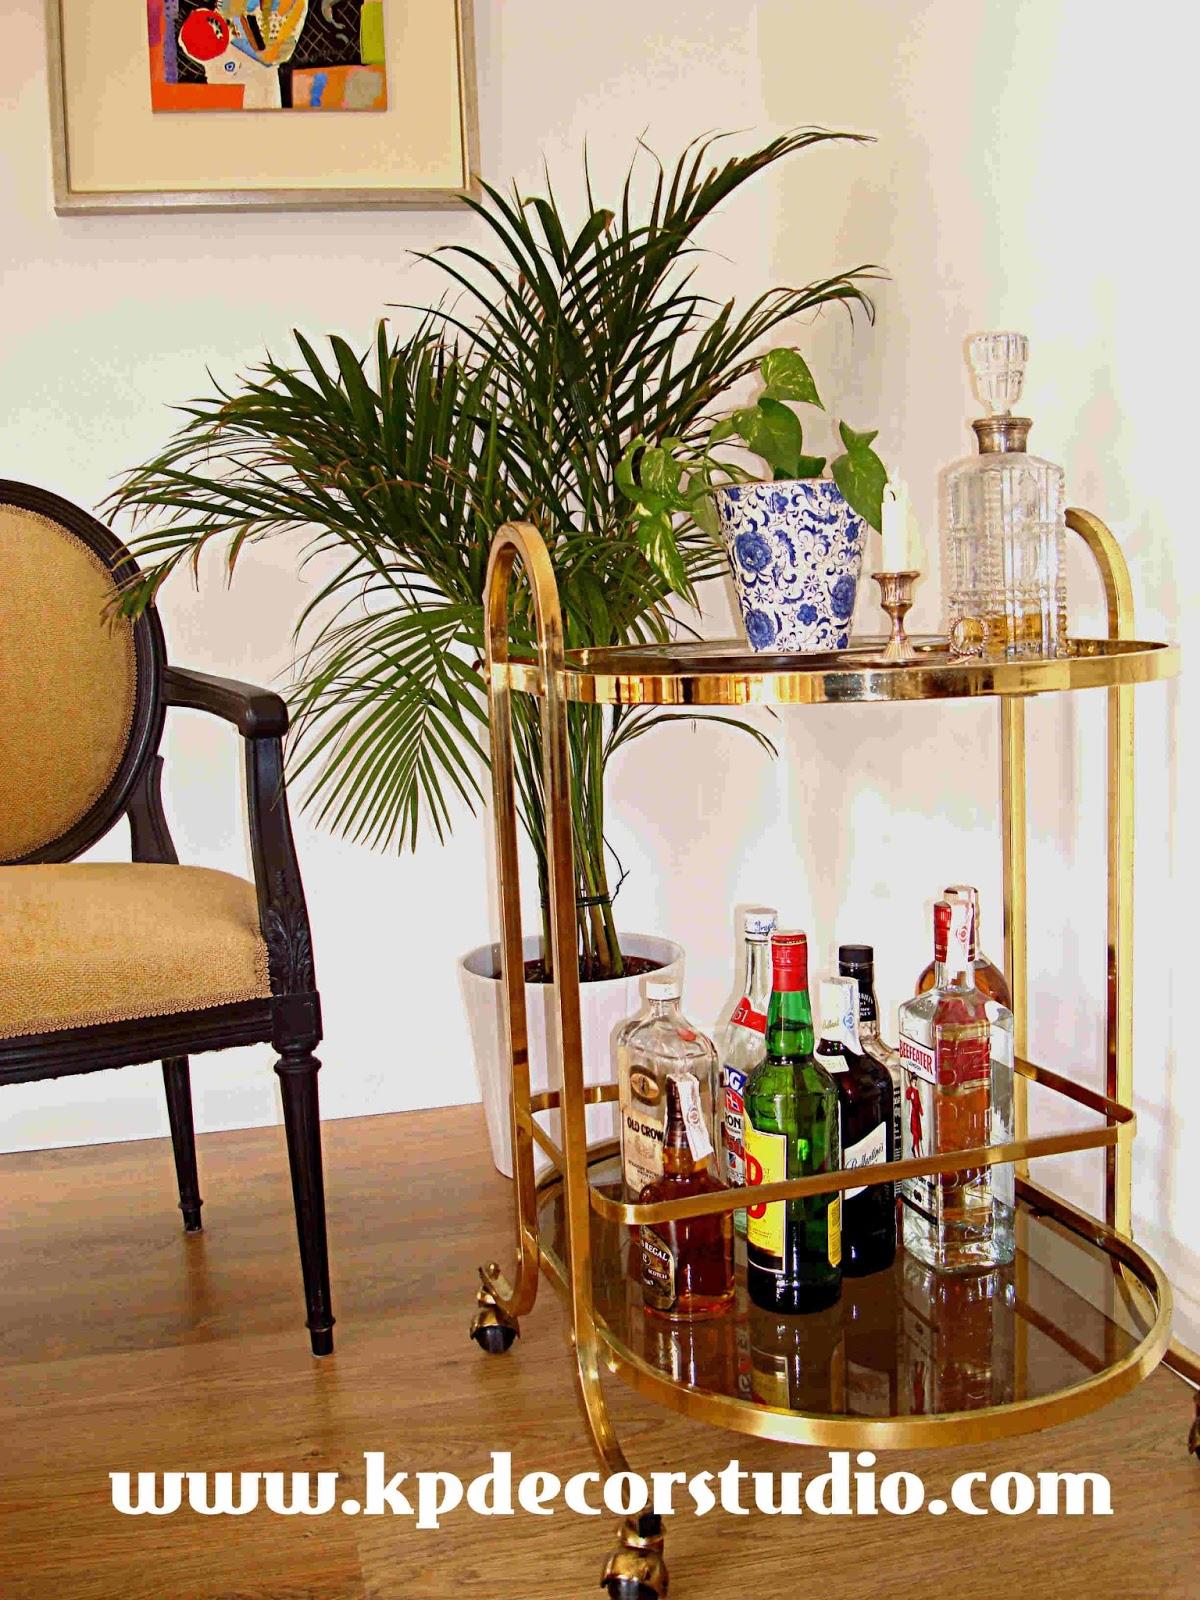 Kp decor studio decorar con camareras vintage decor for Camarera mueble